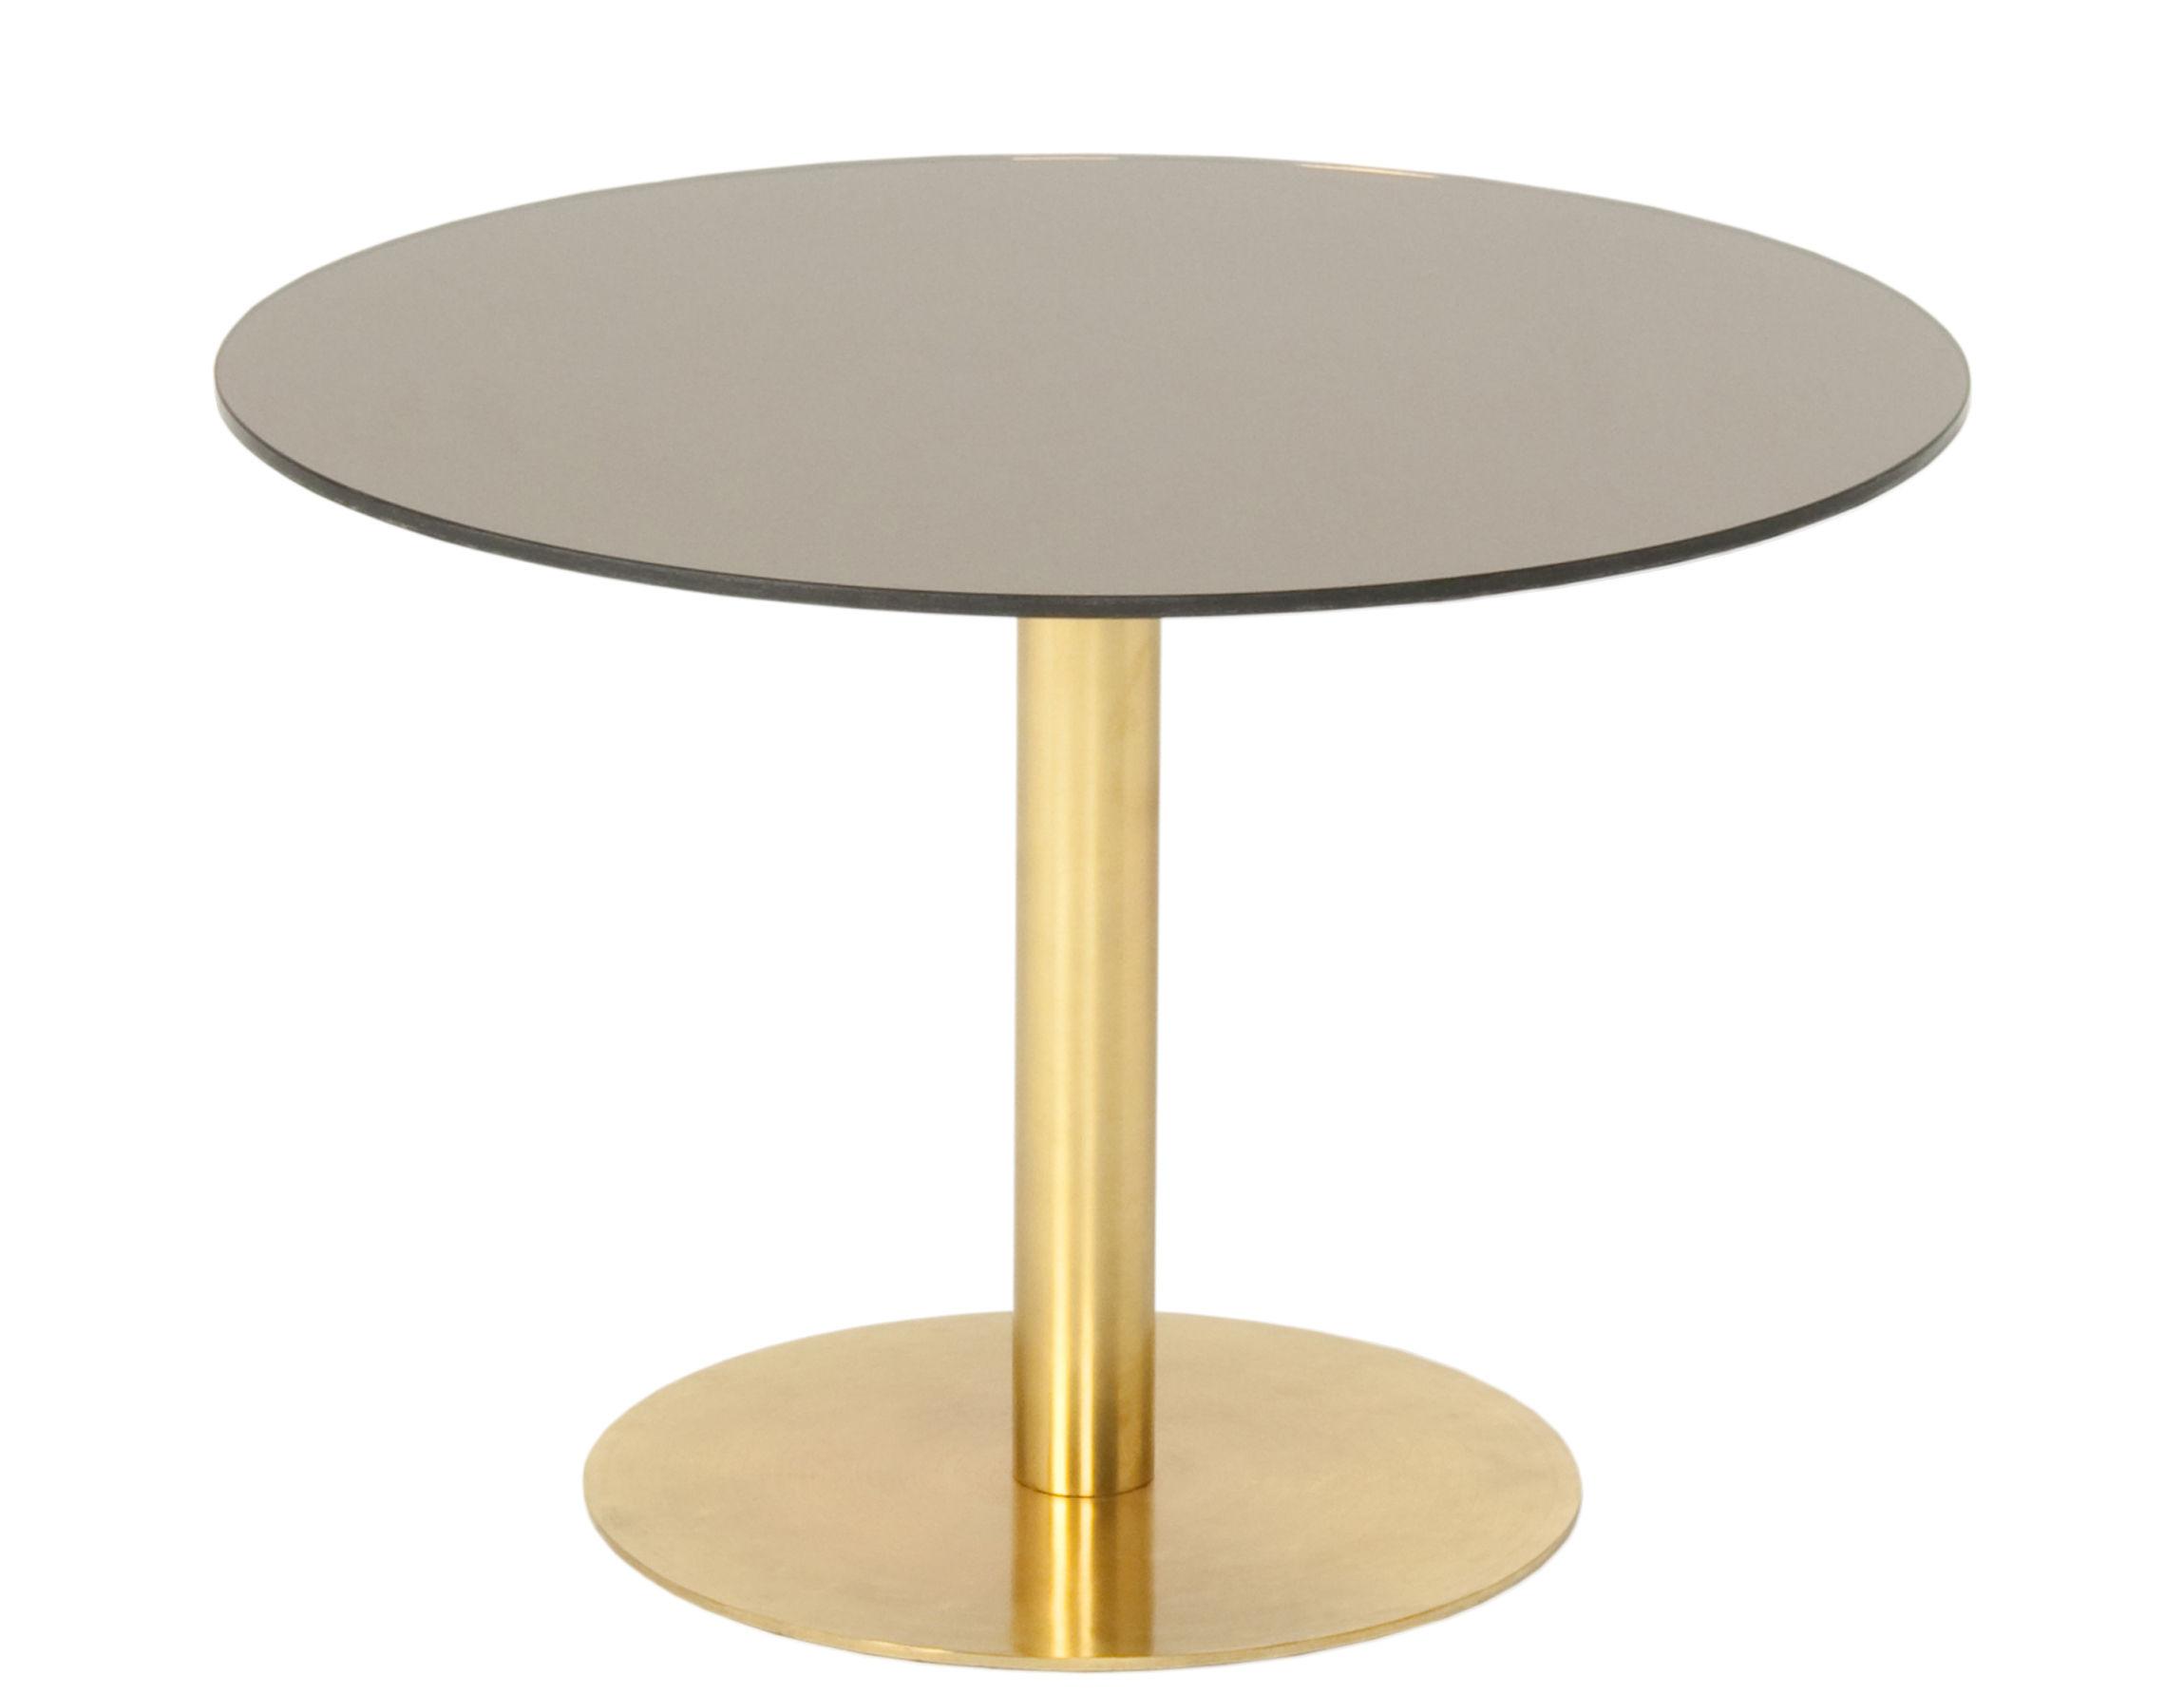 Arredamento - Tavolini  - Tavolino Flash - / Ø 60 cm di Tom Dixon - Bronzo / Oro - Ottone, Verre avec film cuivré